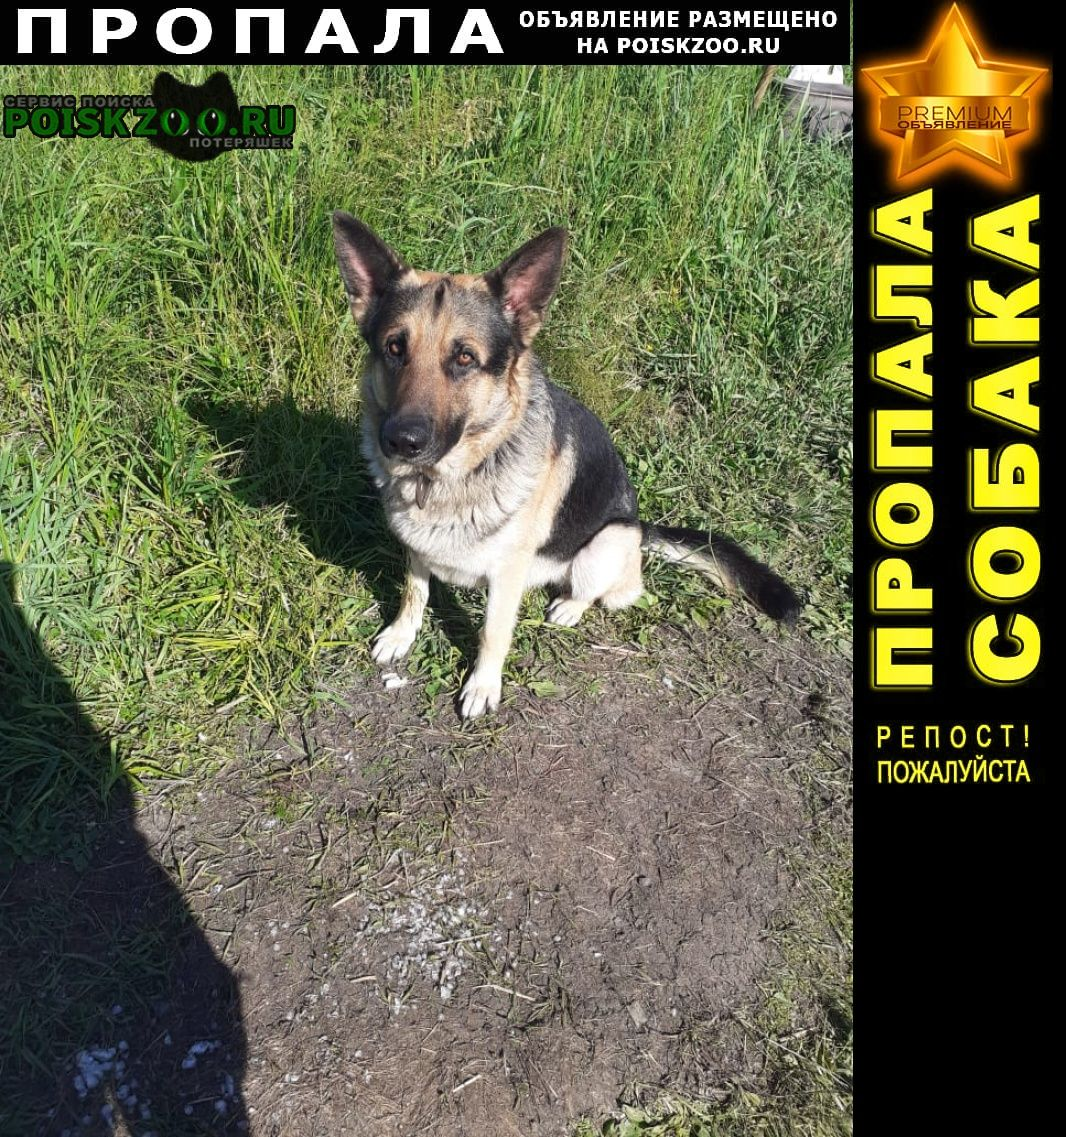 Уфа Пропала собака немецкая овчарка, кличка гред, на шее цепь